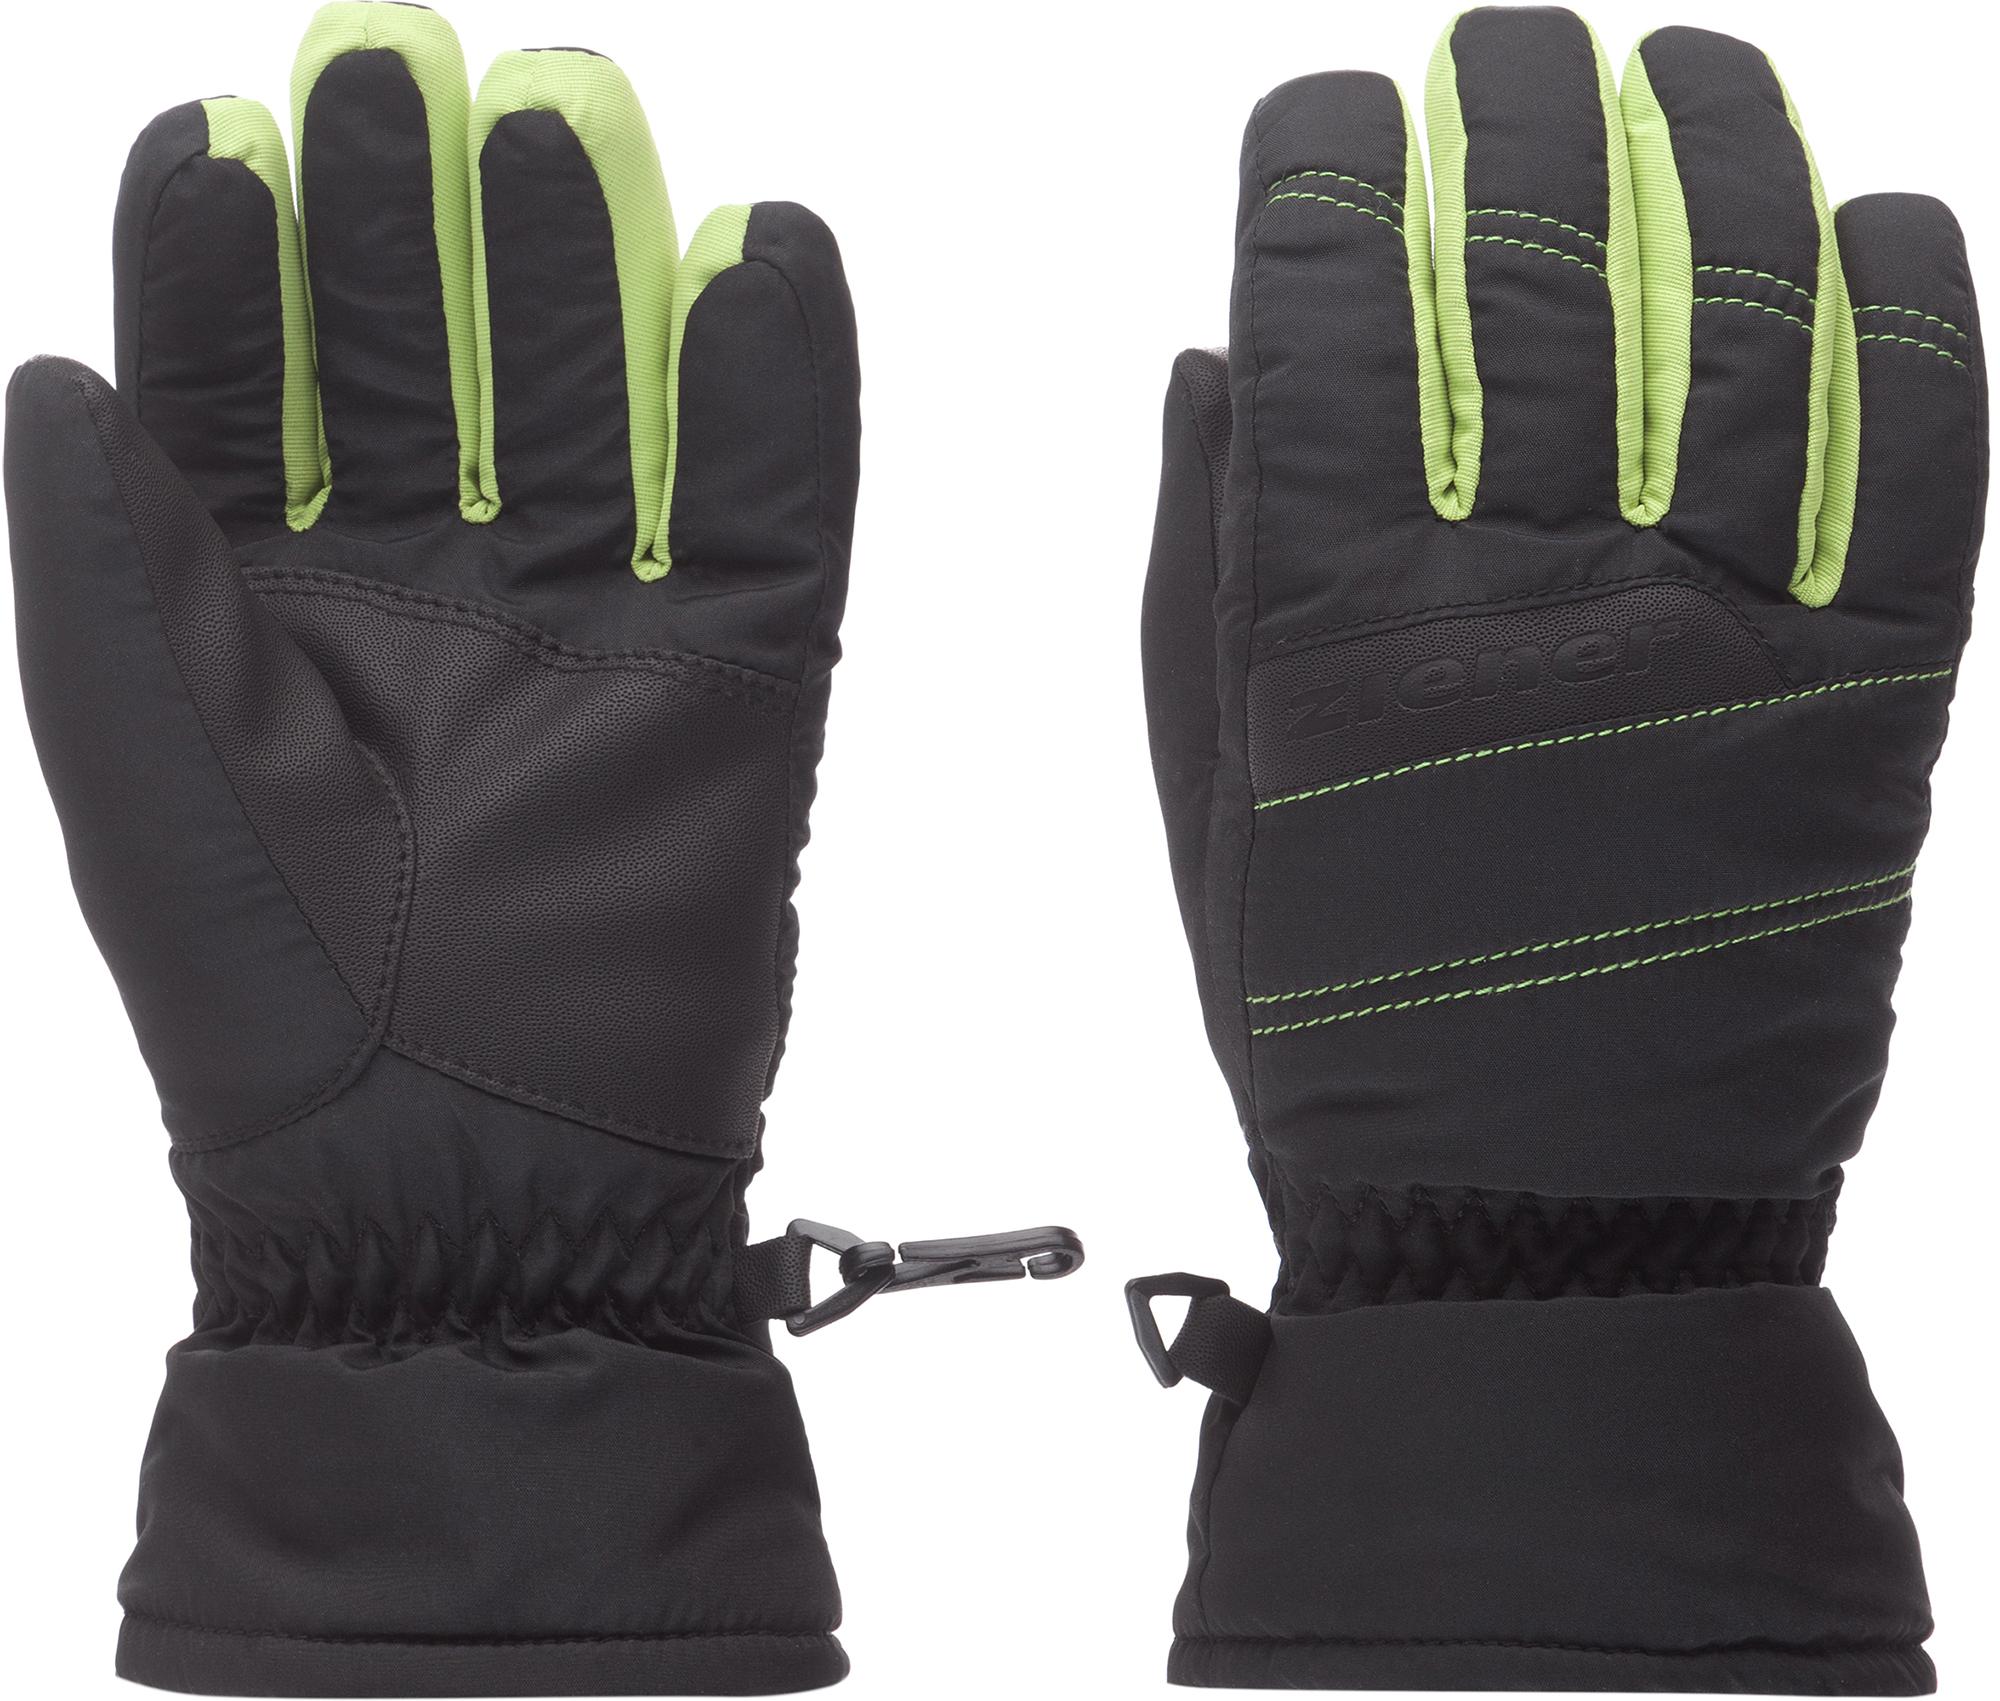 Ziener Перчатки для мальчиков  Lamosso, размер 6,5